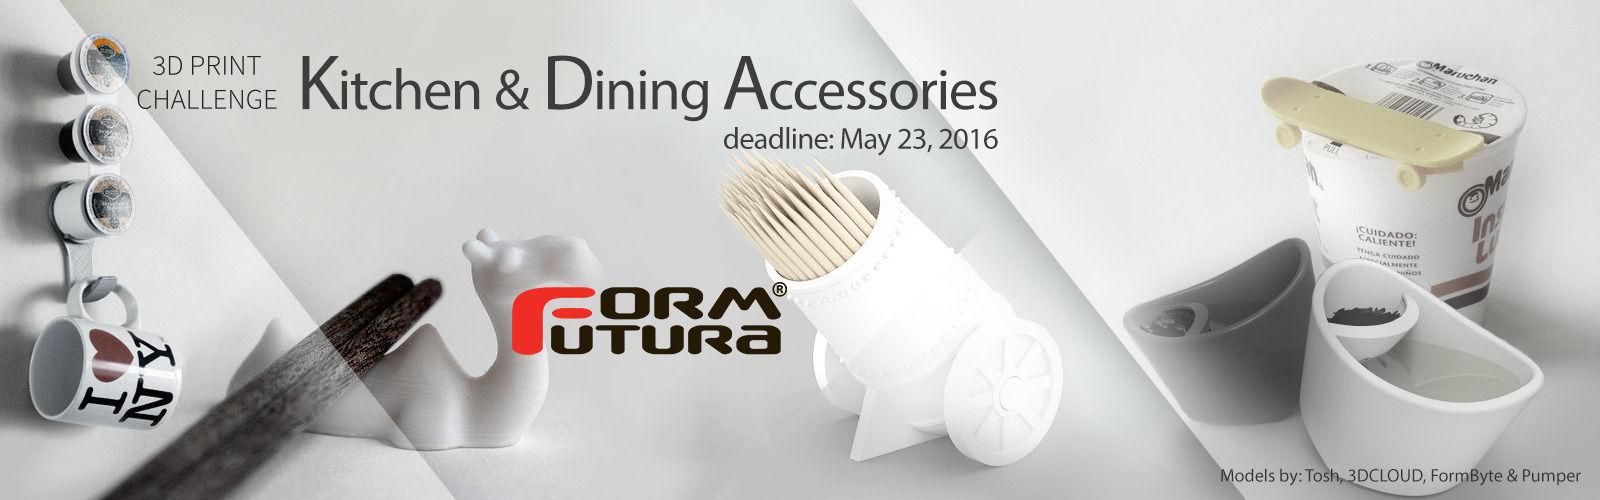 3D Printed Kitchen Accessories Challenge